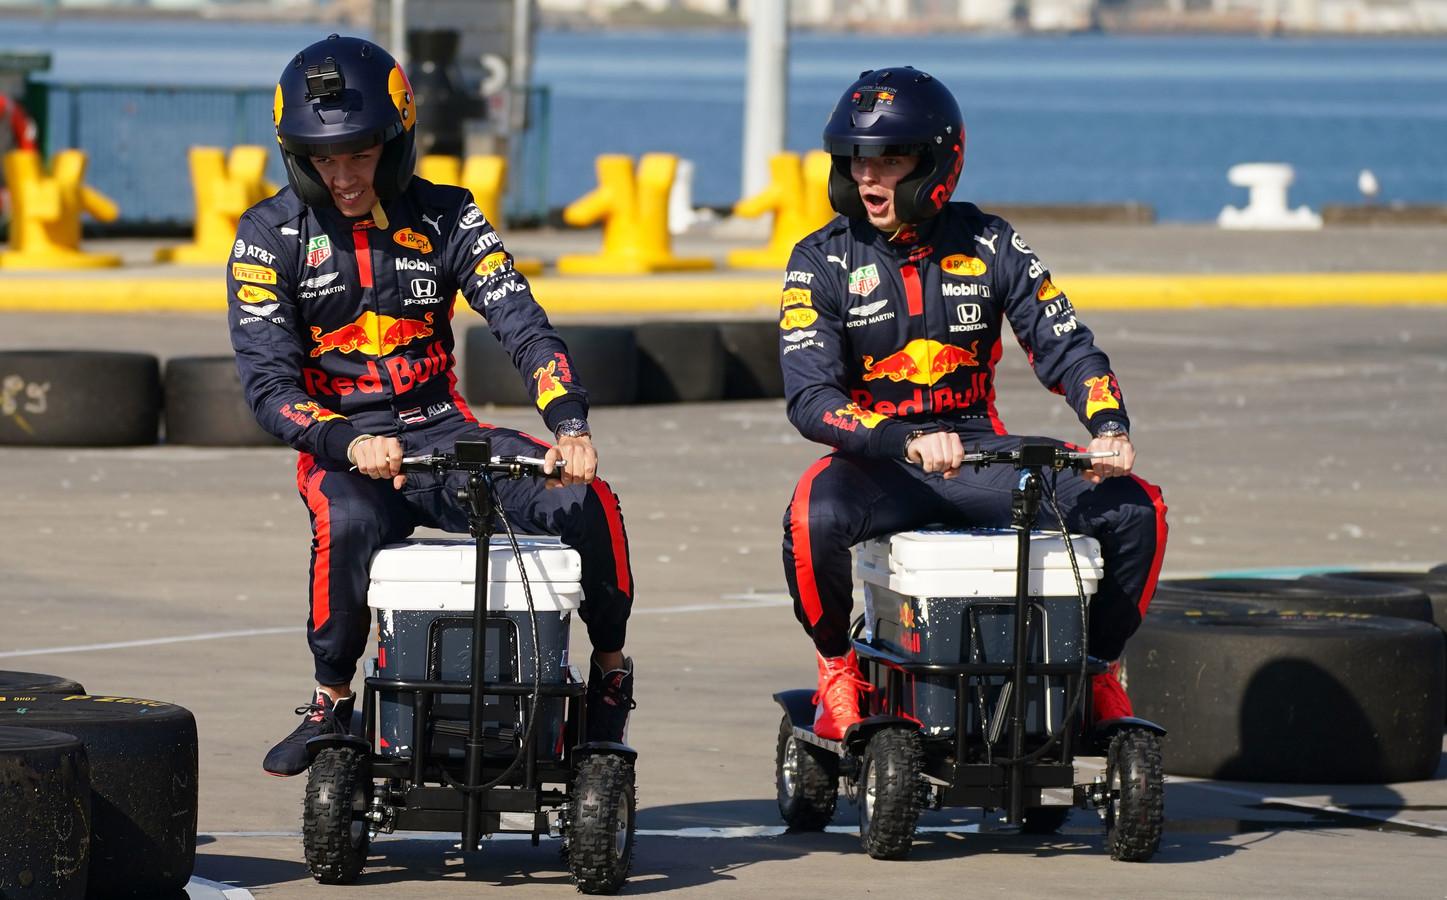 Max Verstappen en Alexander Albon rijden op een gemotoriseerde coolbox op Station Pier in Melbourne op woensdag 11 maart. Een echte race zou er dat weekend niet komen.